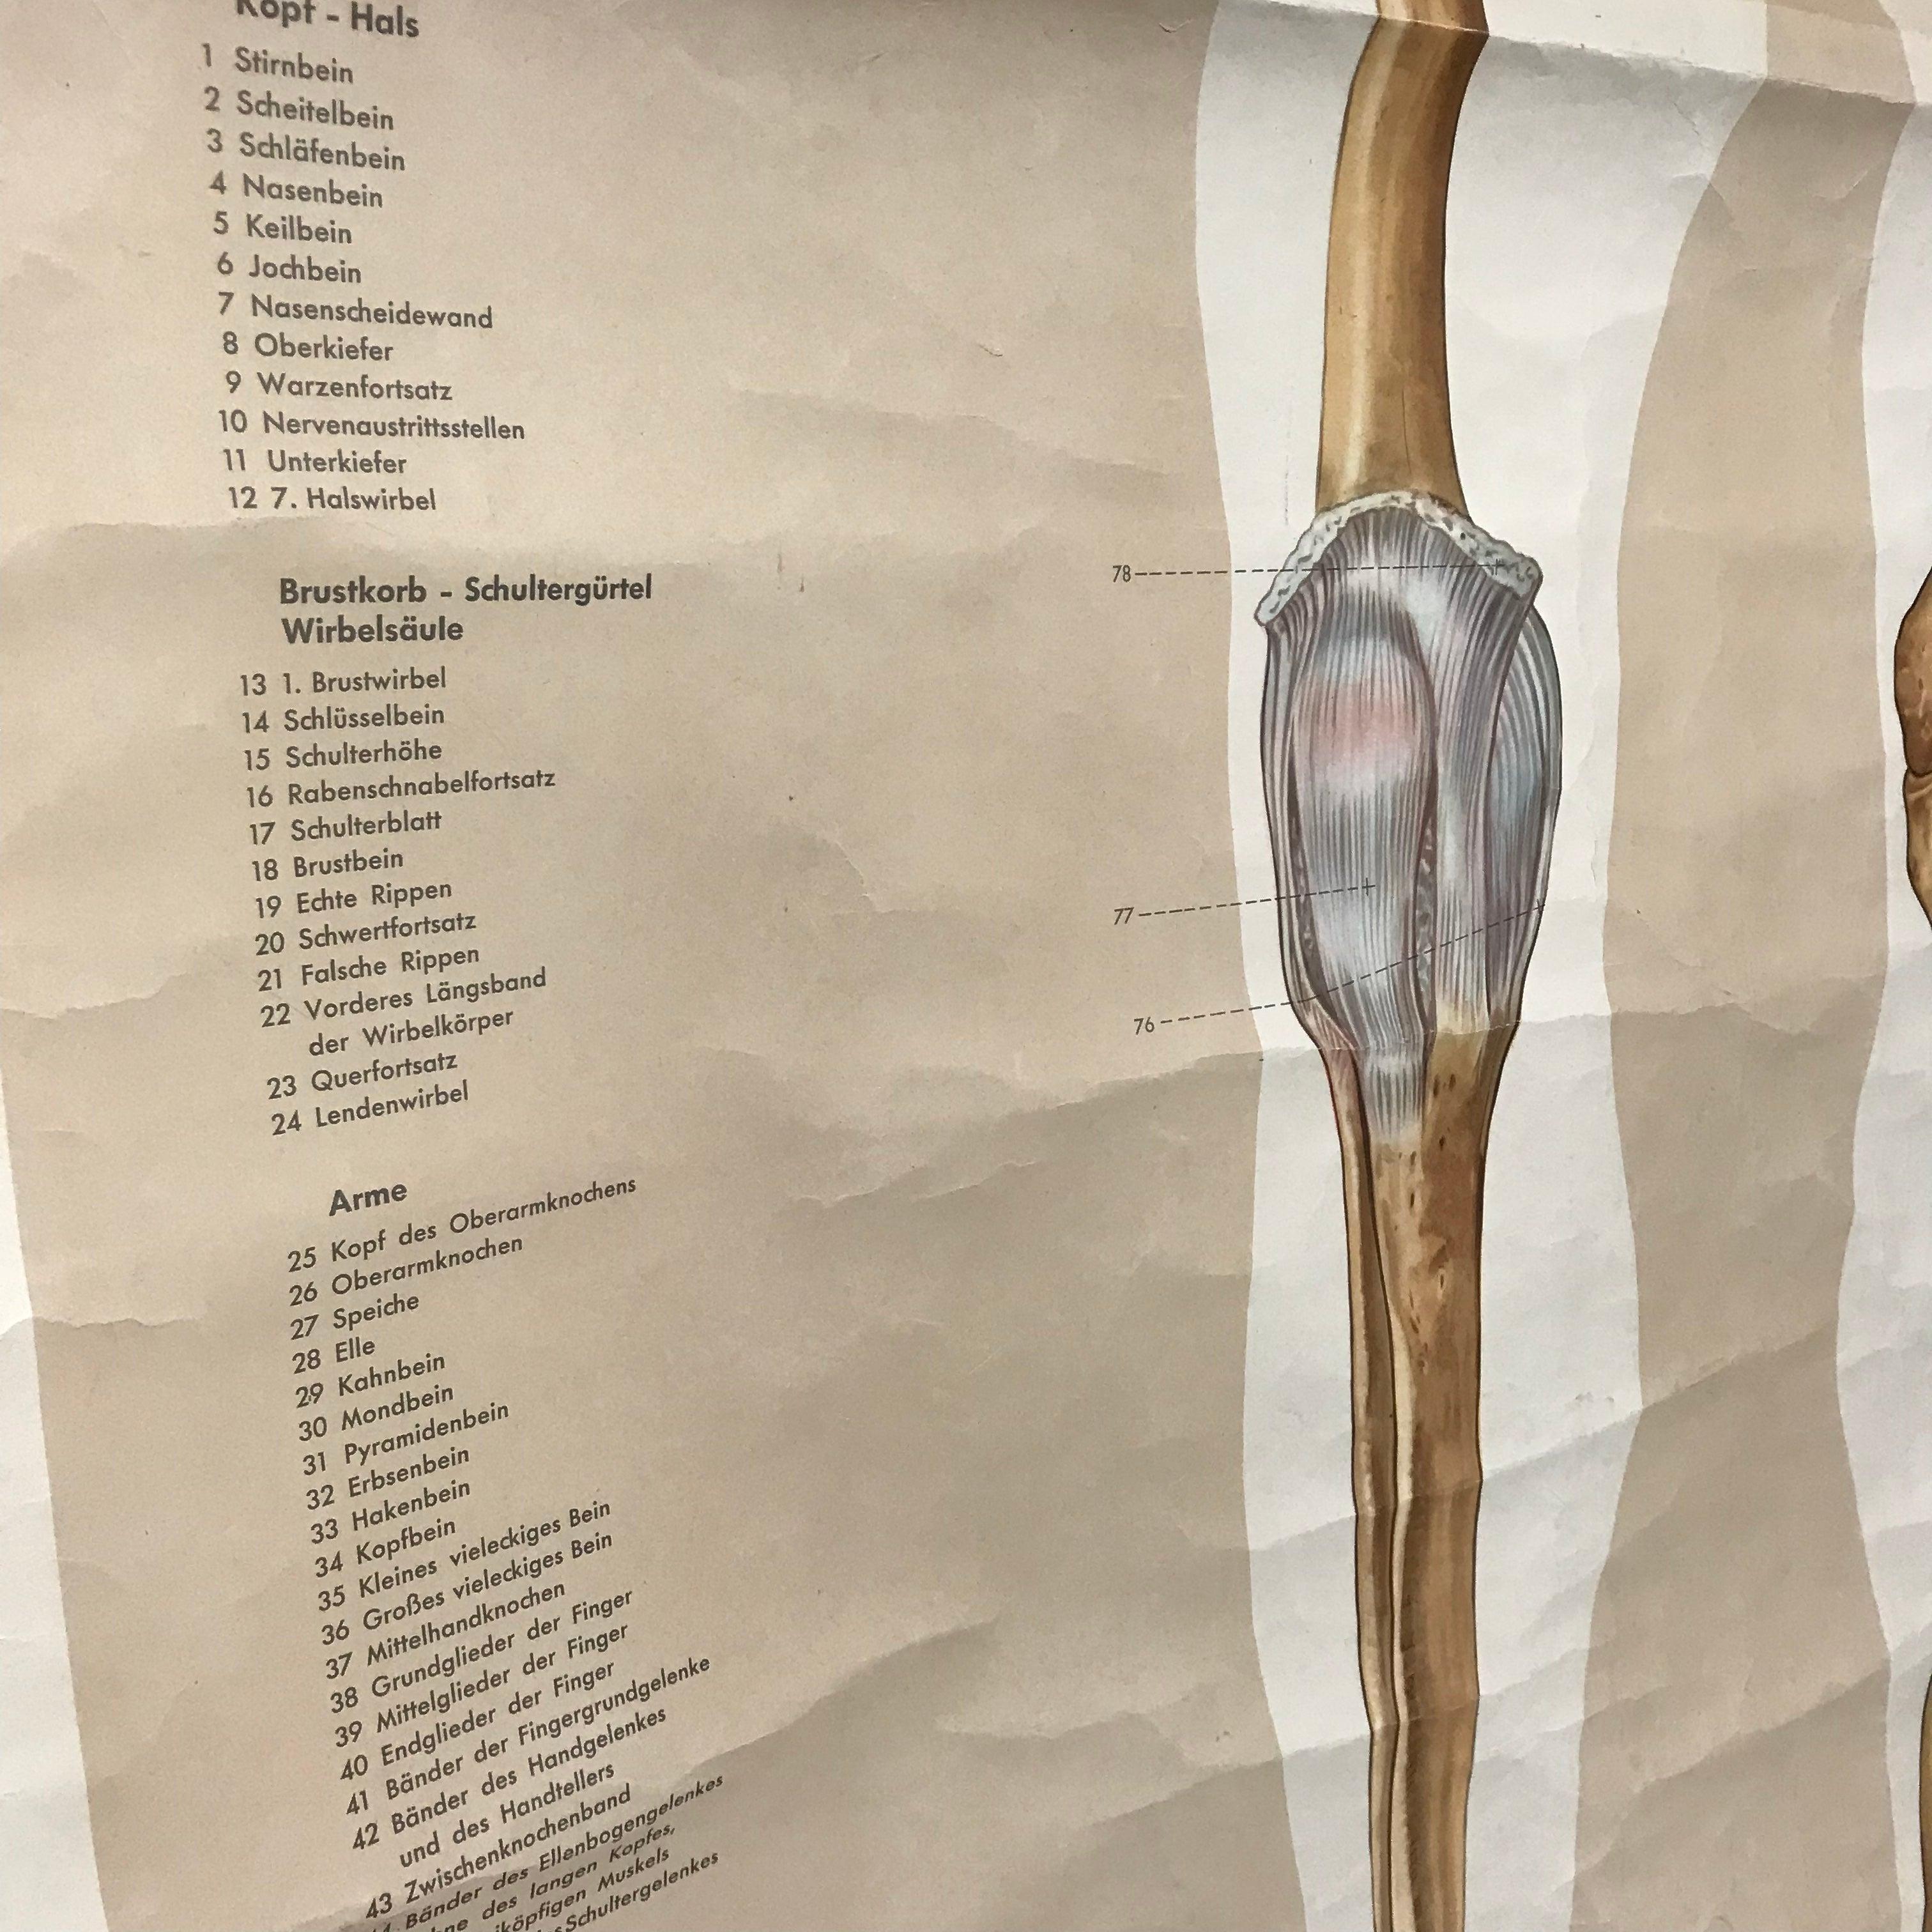 Gemütlich Oberarmknochen Bilder Ideen - Menschliche Anatomie Bilder ...